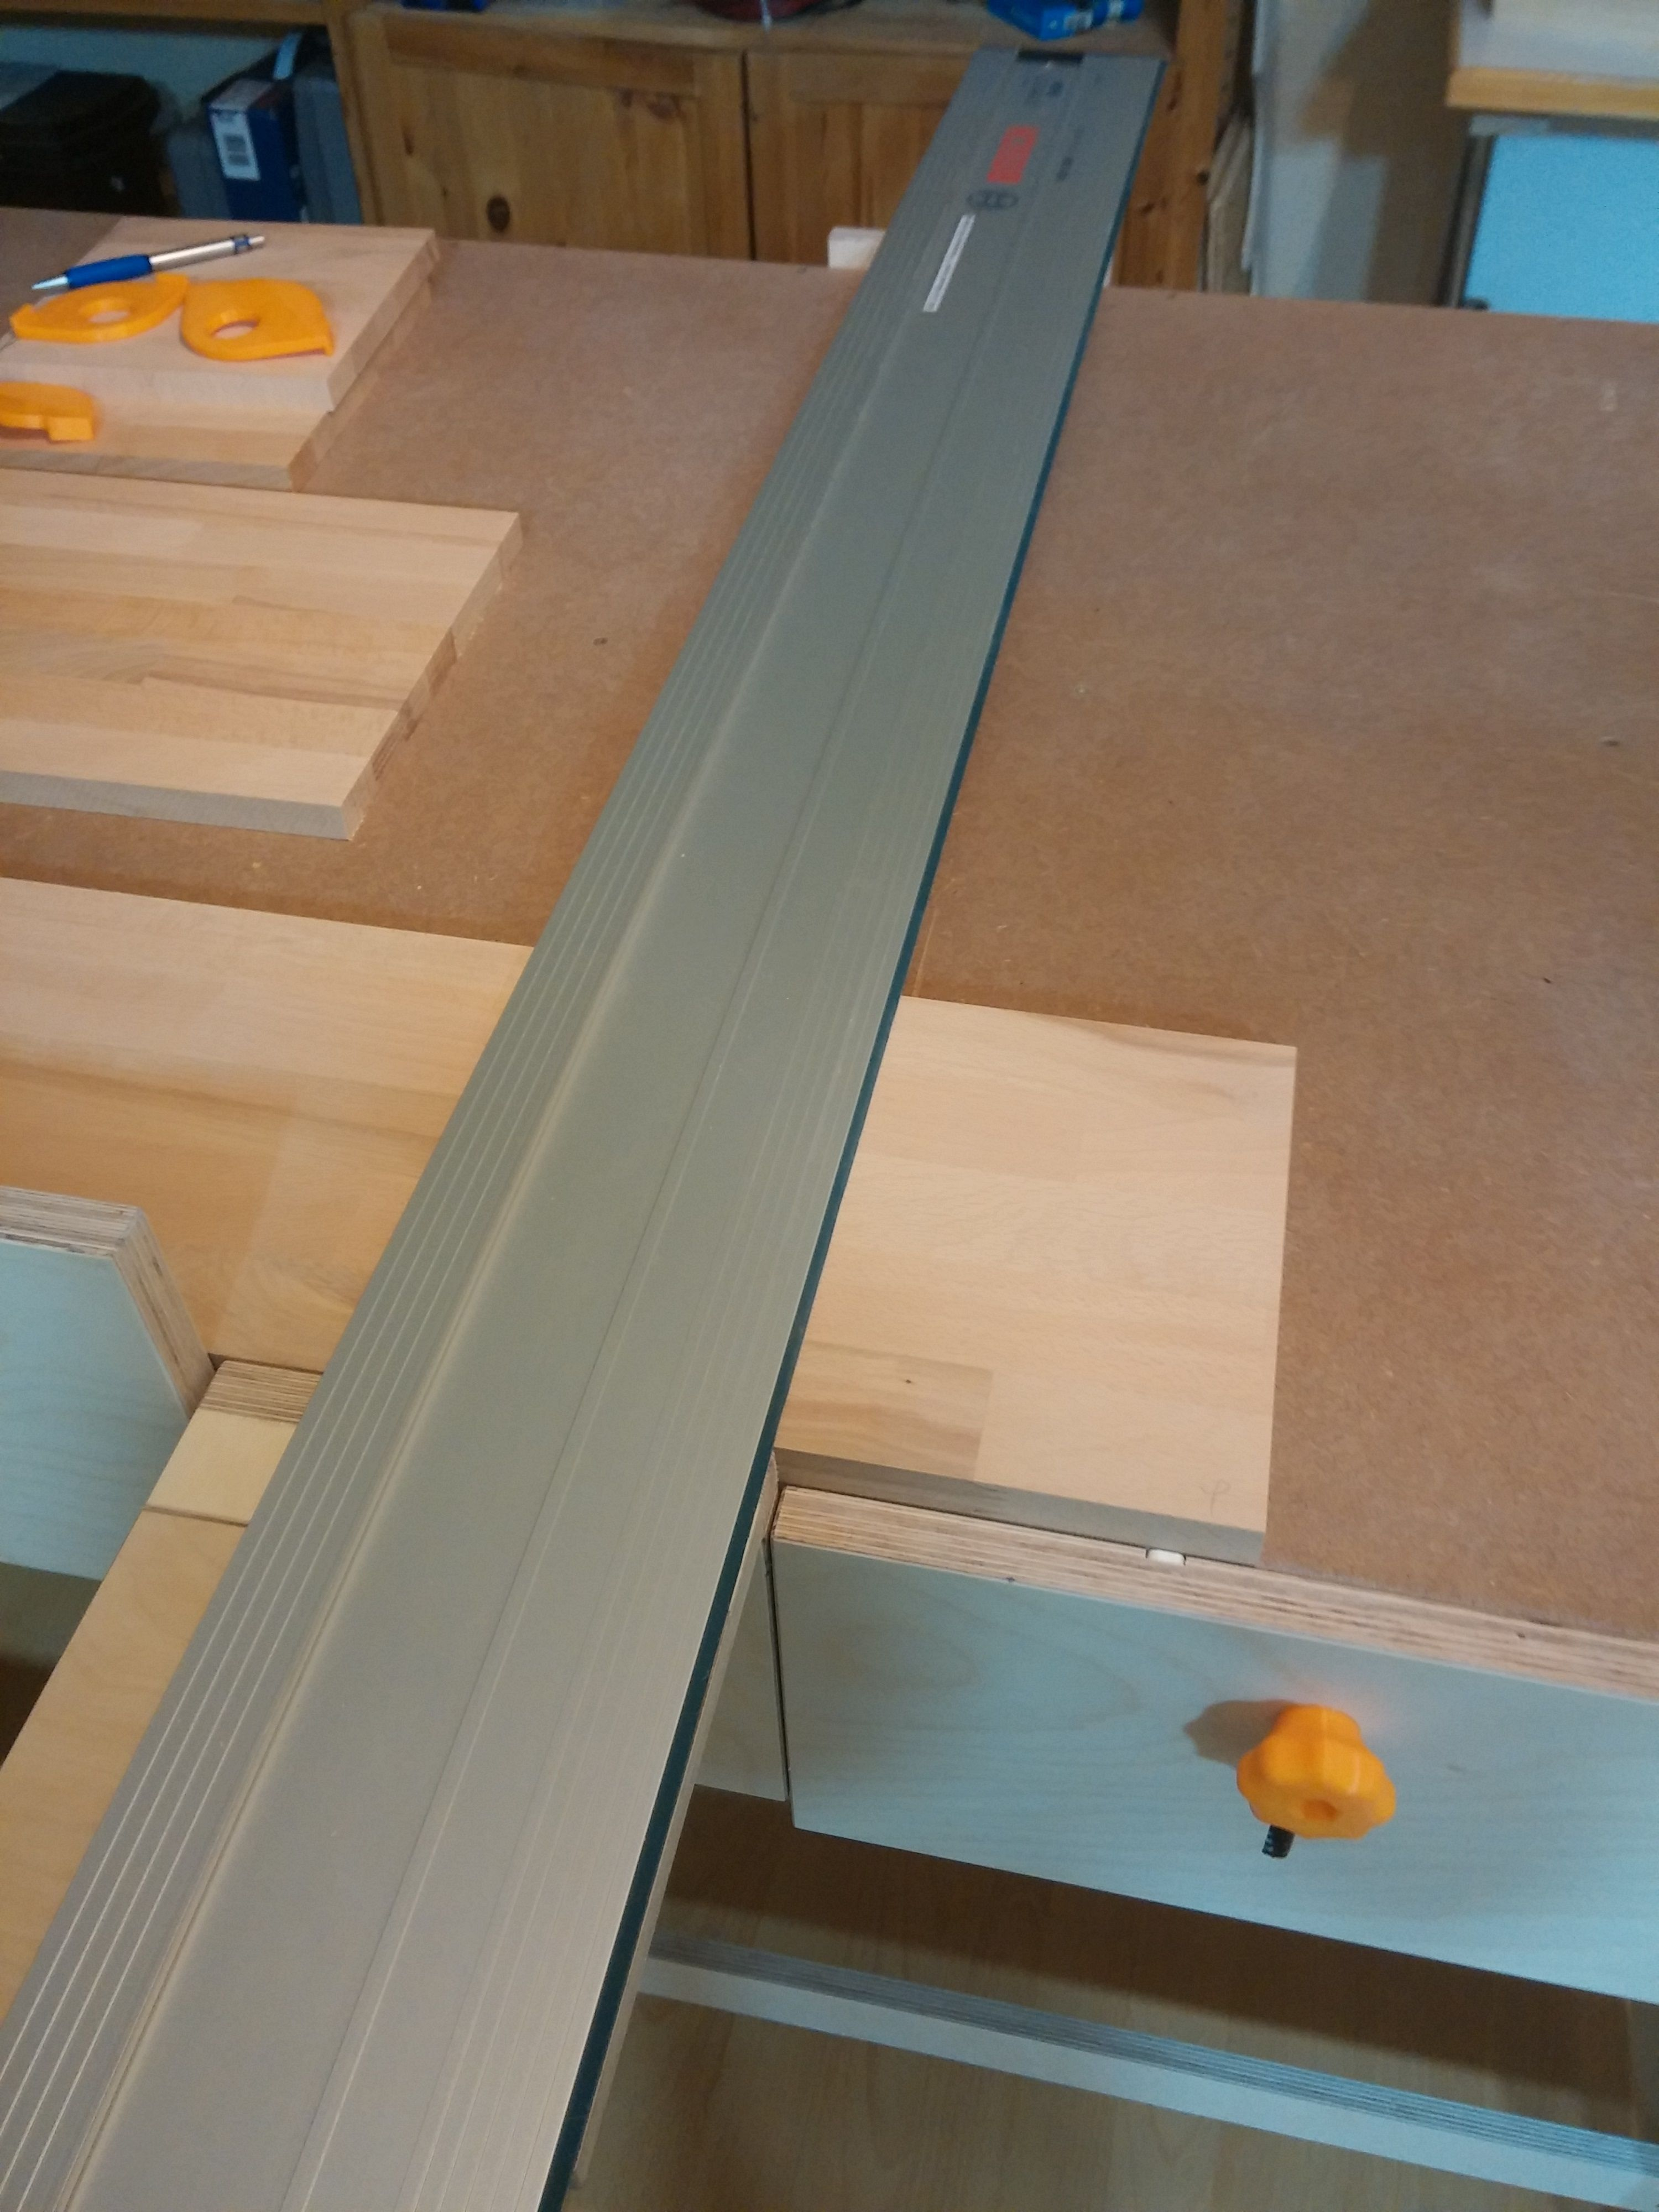 multiwerkbank teil 2 anschl ge und f hrungsschienenhalterung werkstatthelfer 1 2 do. Black Bedroom Furniture Sets. Home Design Ideas